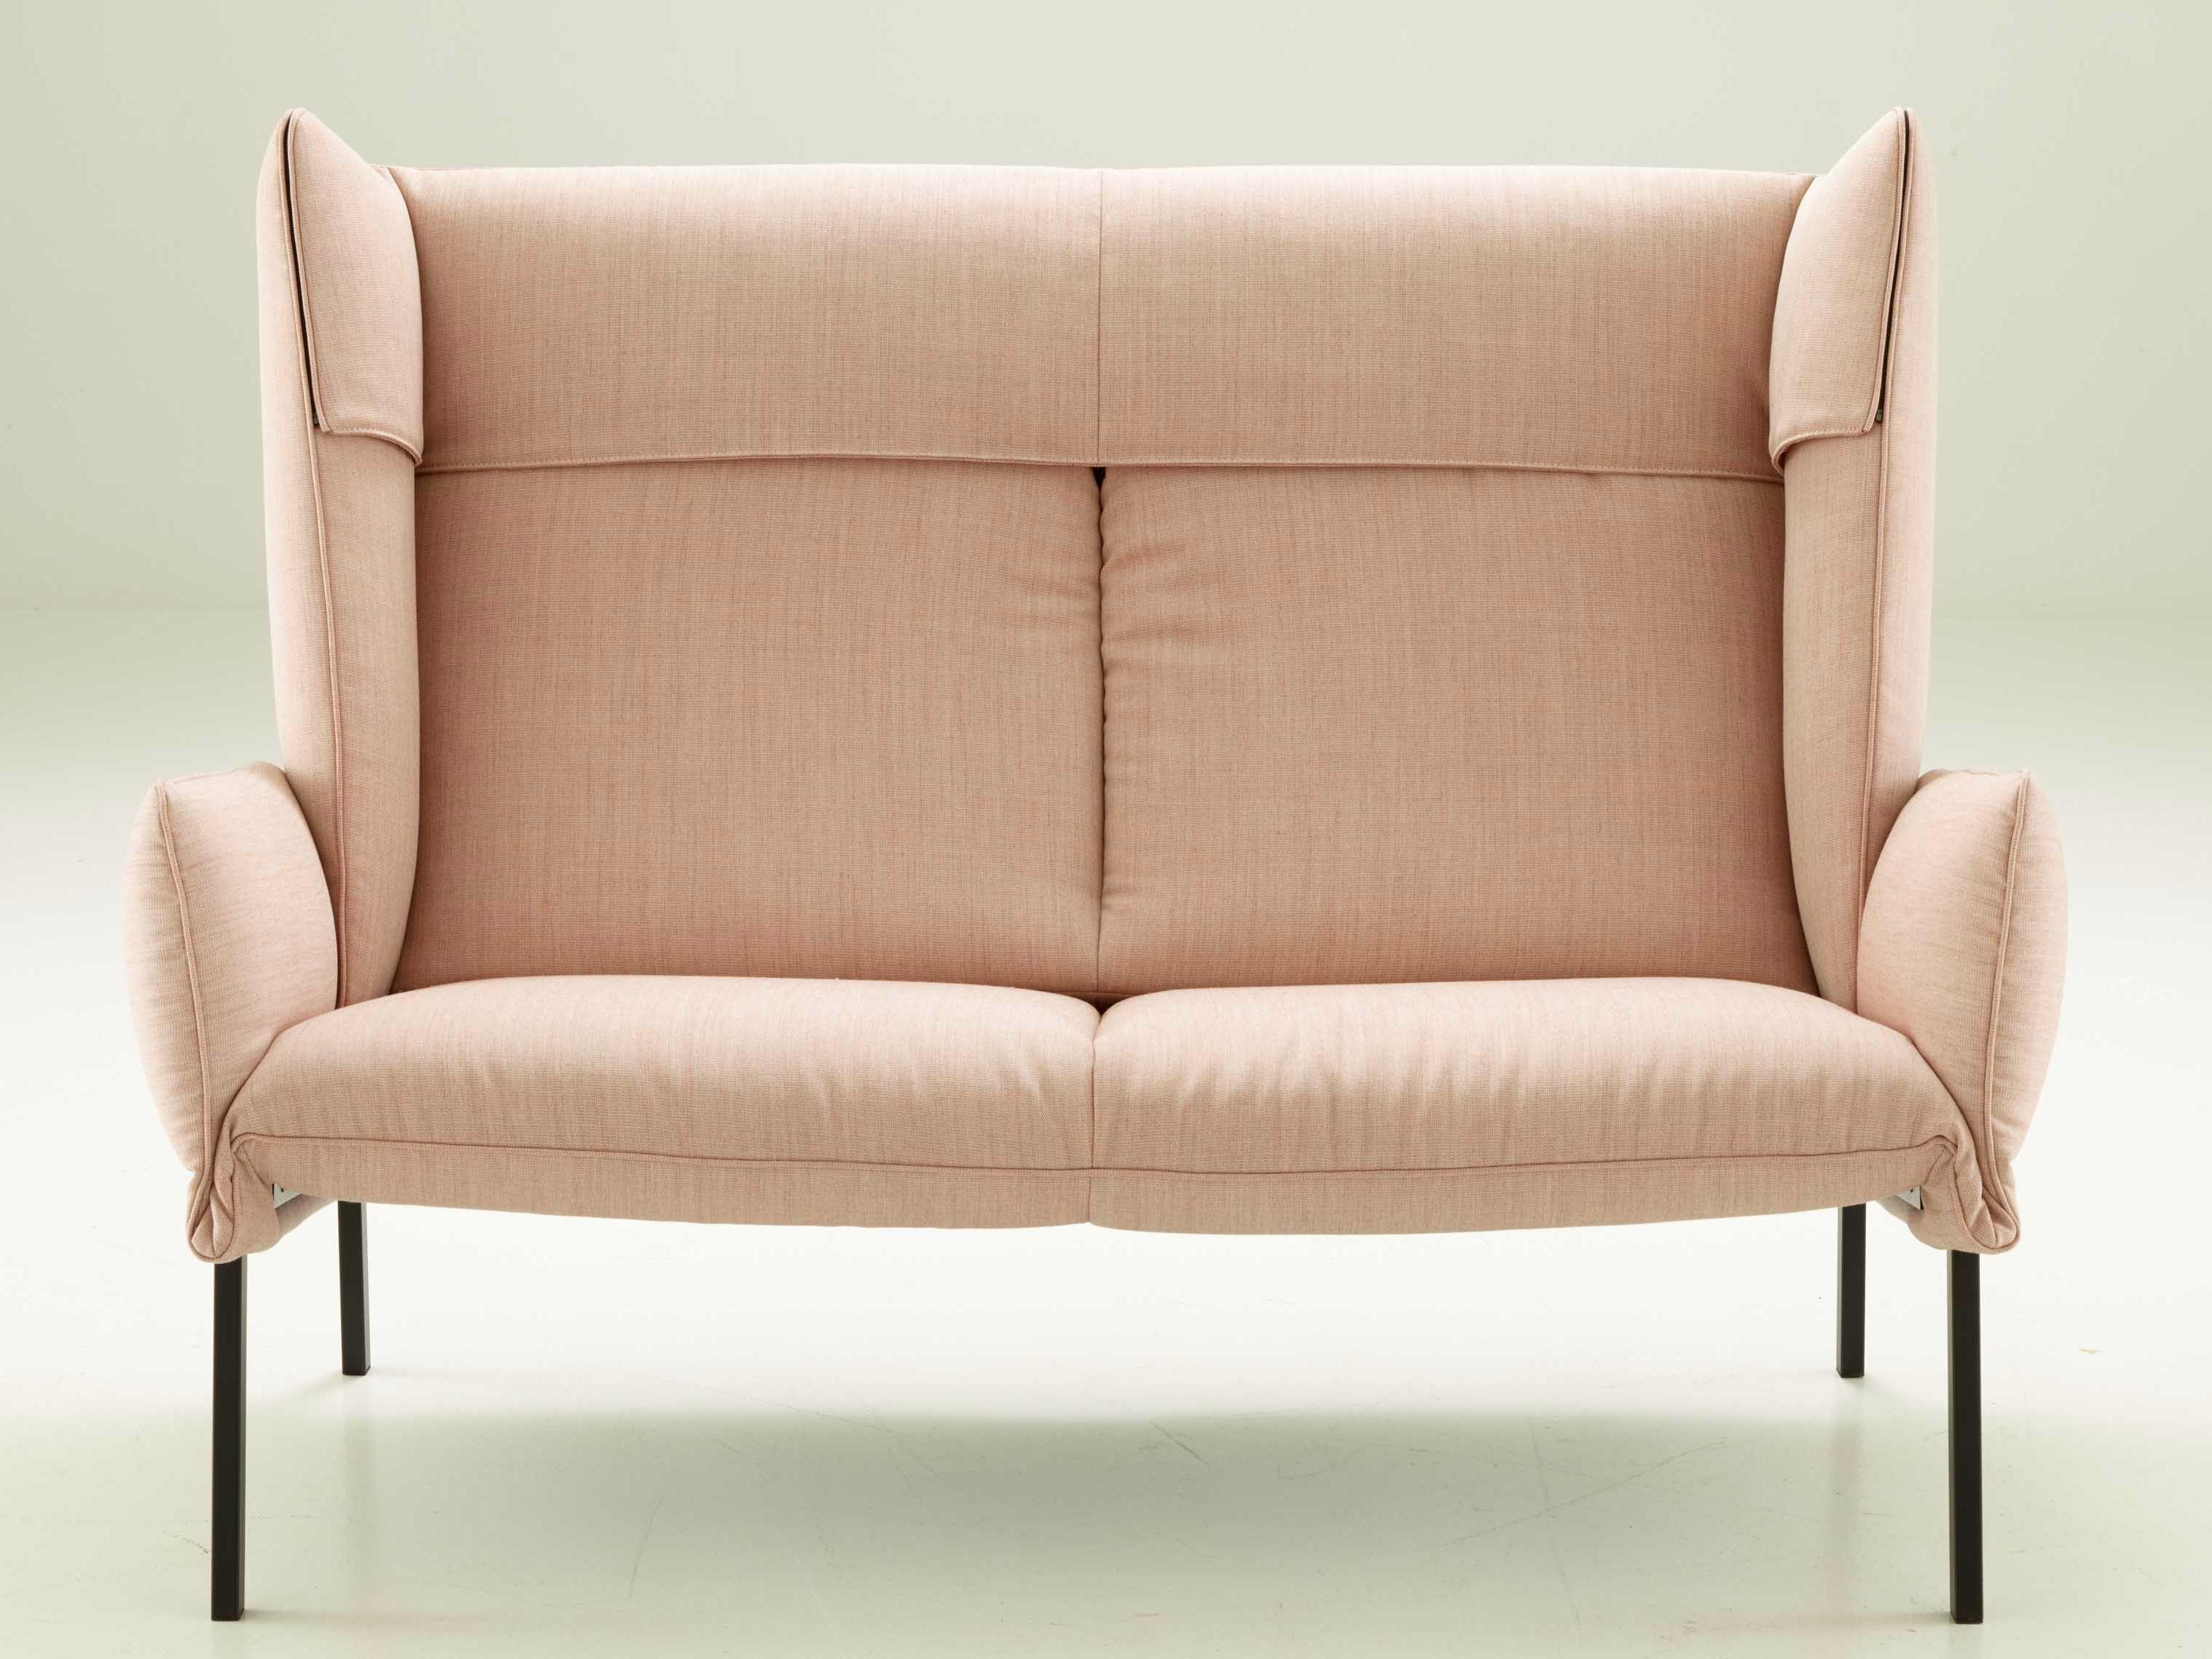 beau fixe small sofa by roset italia design inga semp. Black Bedroom Furniture Sets. Home Design Ideas